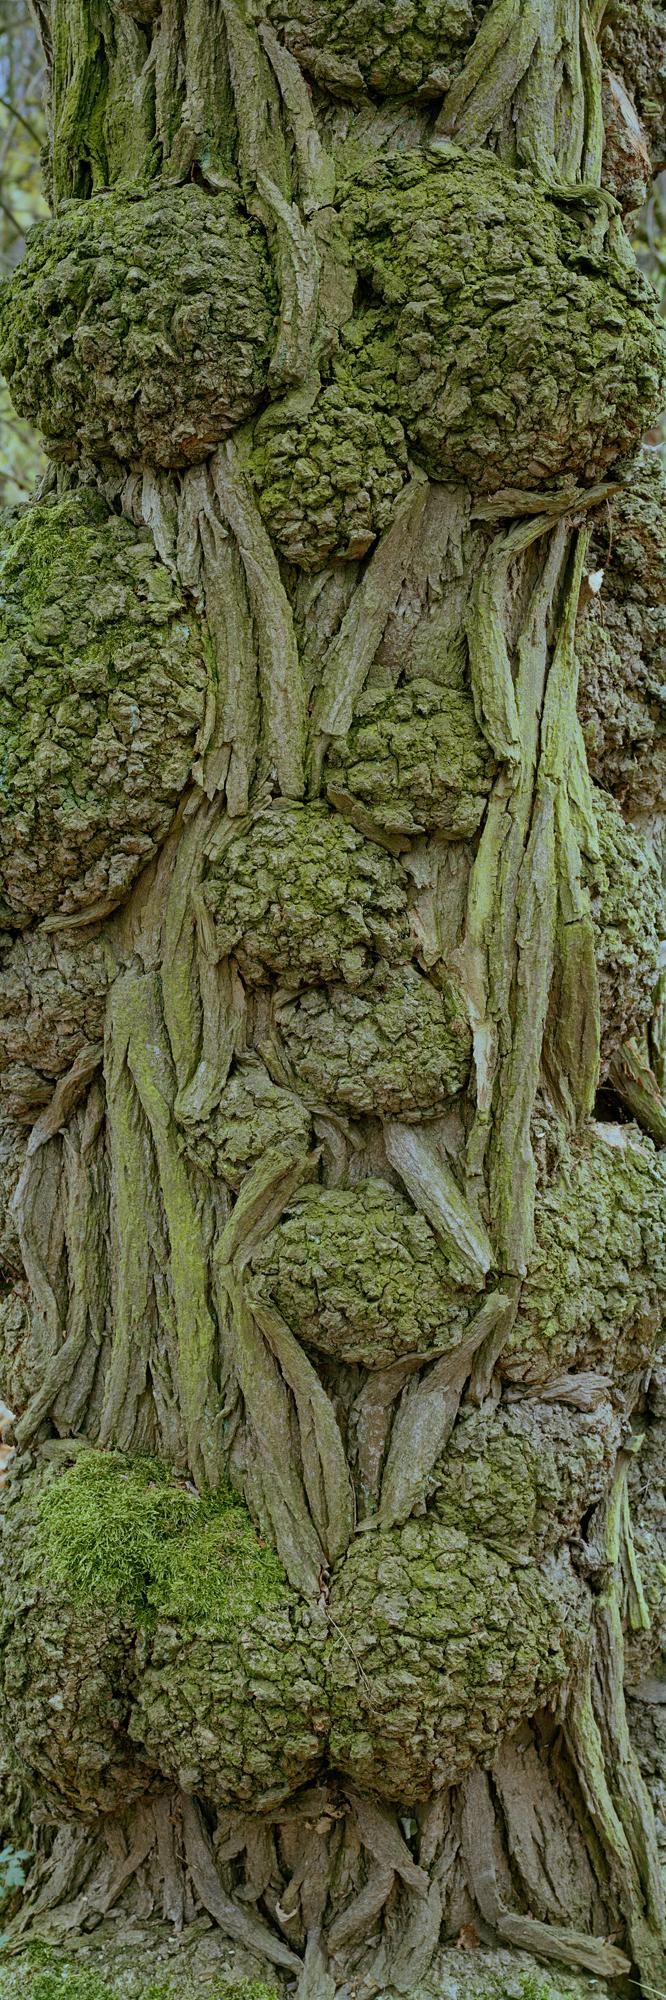 Eine Nahaufnahme einer alten, knorrigen Baumrinde, fotografiert vom Künstler und Berufsfotografen Markus Bollen aus Bensberg.